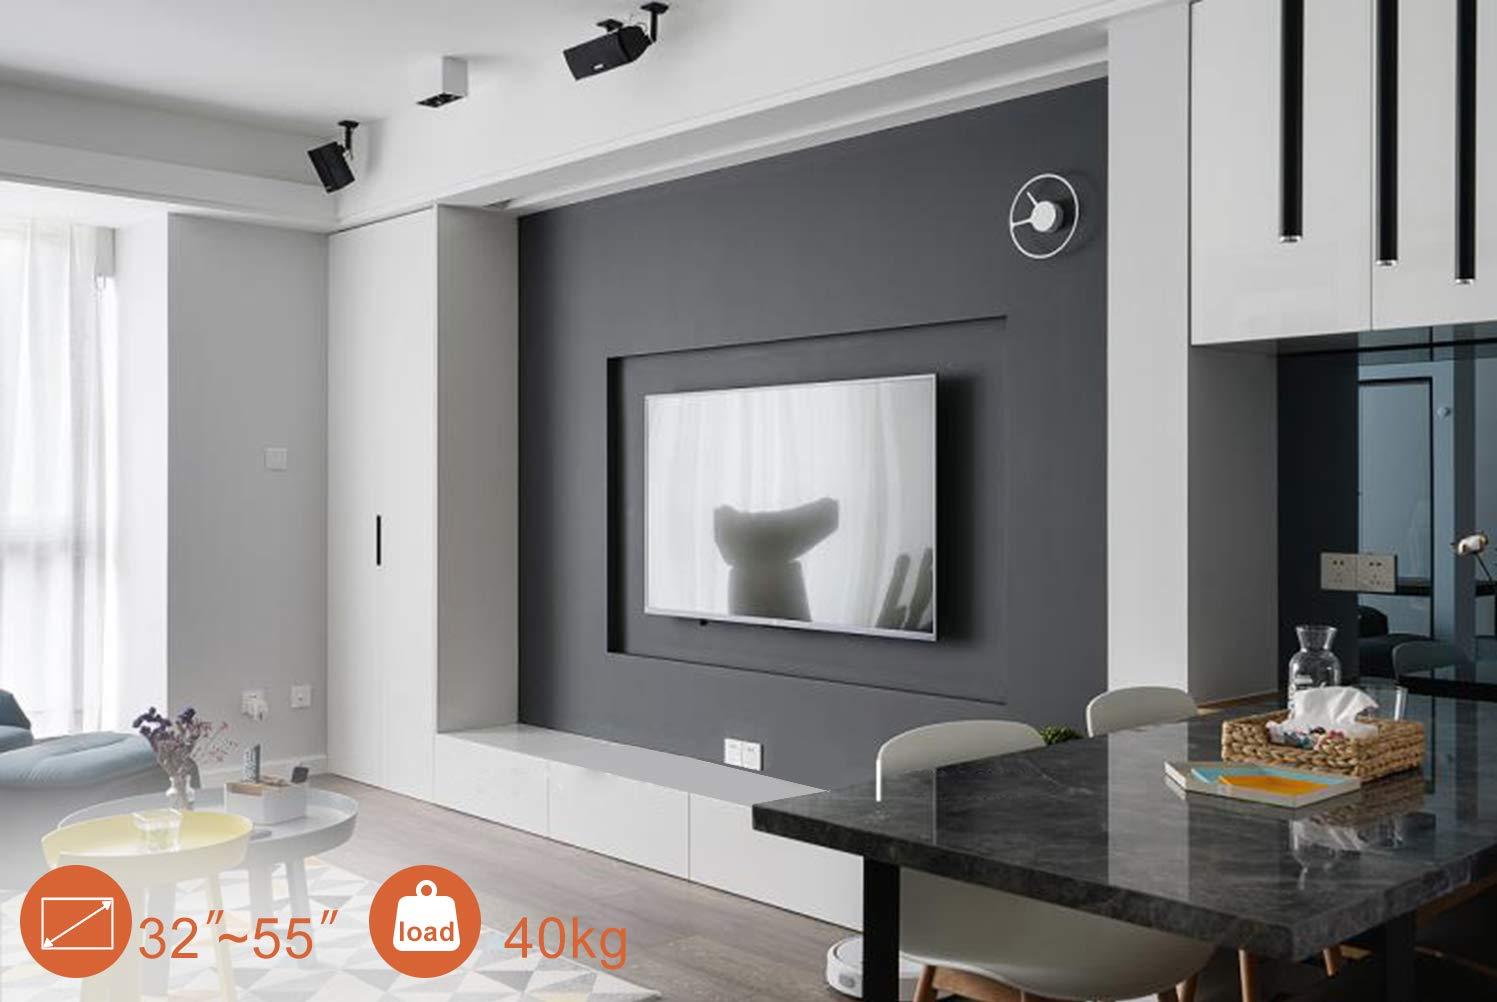 PUTORSEN® Soporte TV de Pared para la Mayoría de los Televisores LED, LCD, OLED, Plasma Plana y Curvada de 32-55 Pulgadas: Amazon.es: Electrónica